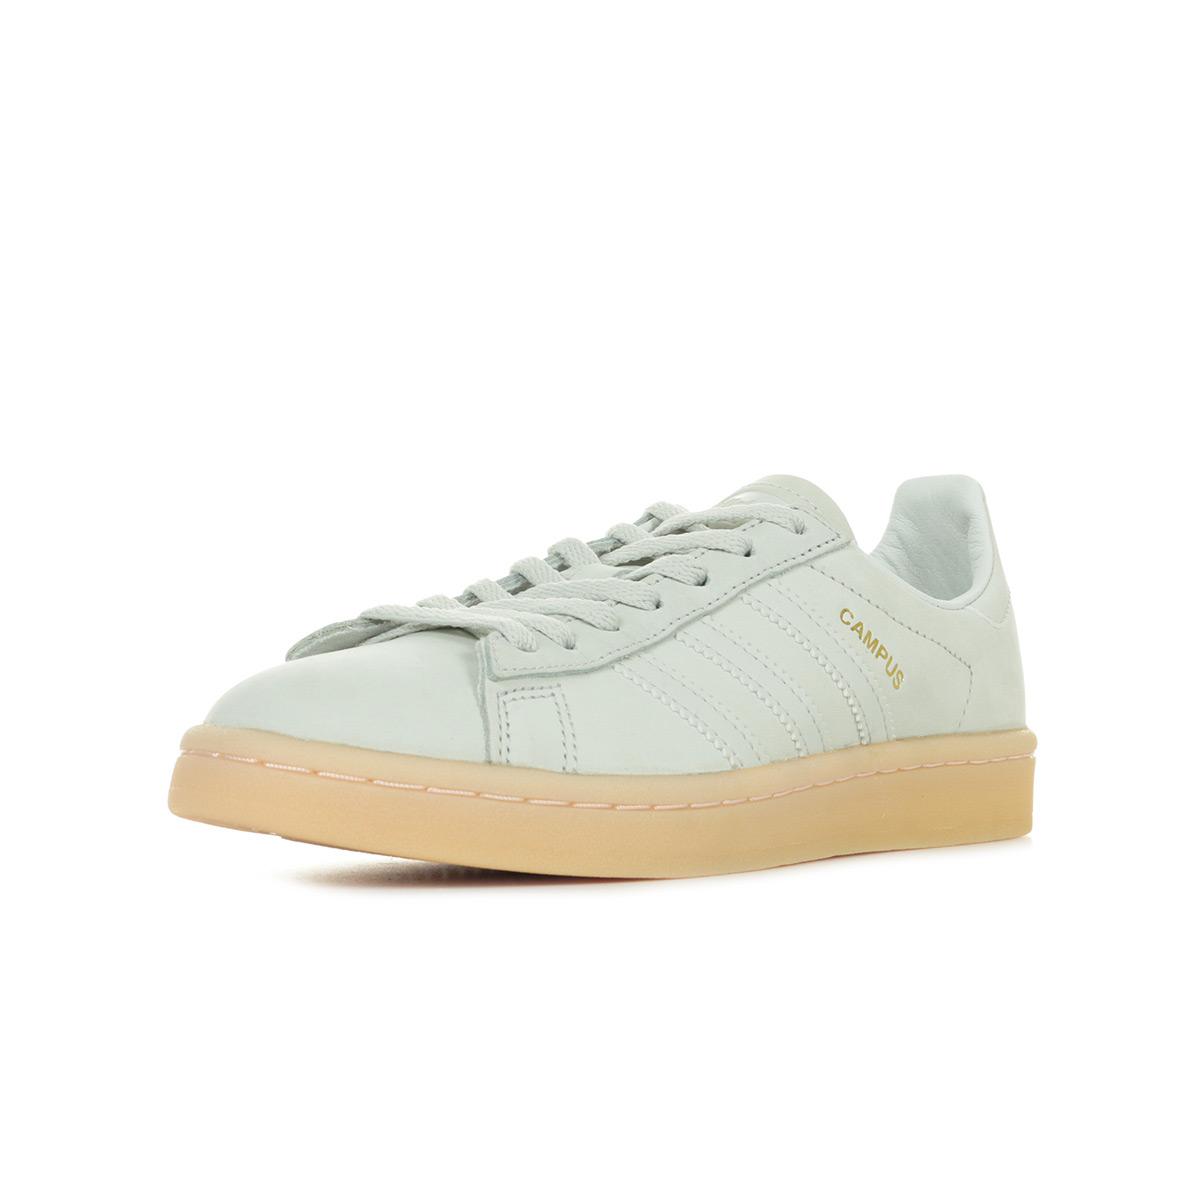 Détails sur Chaussures Baskets adidas femme Campus W taille Beige Cuir Lacets